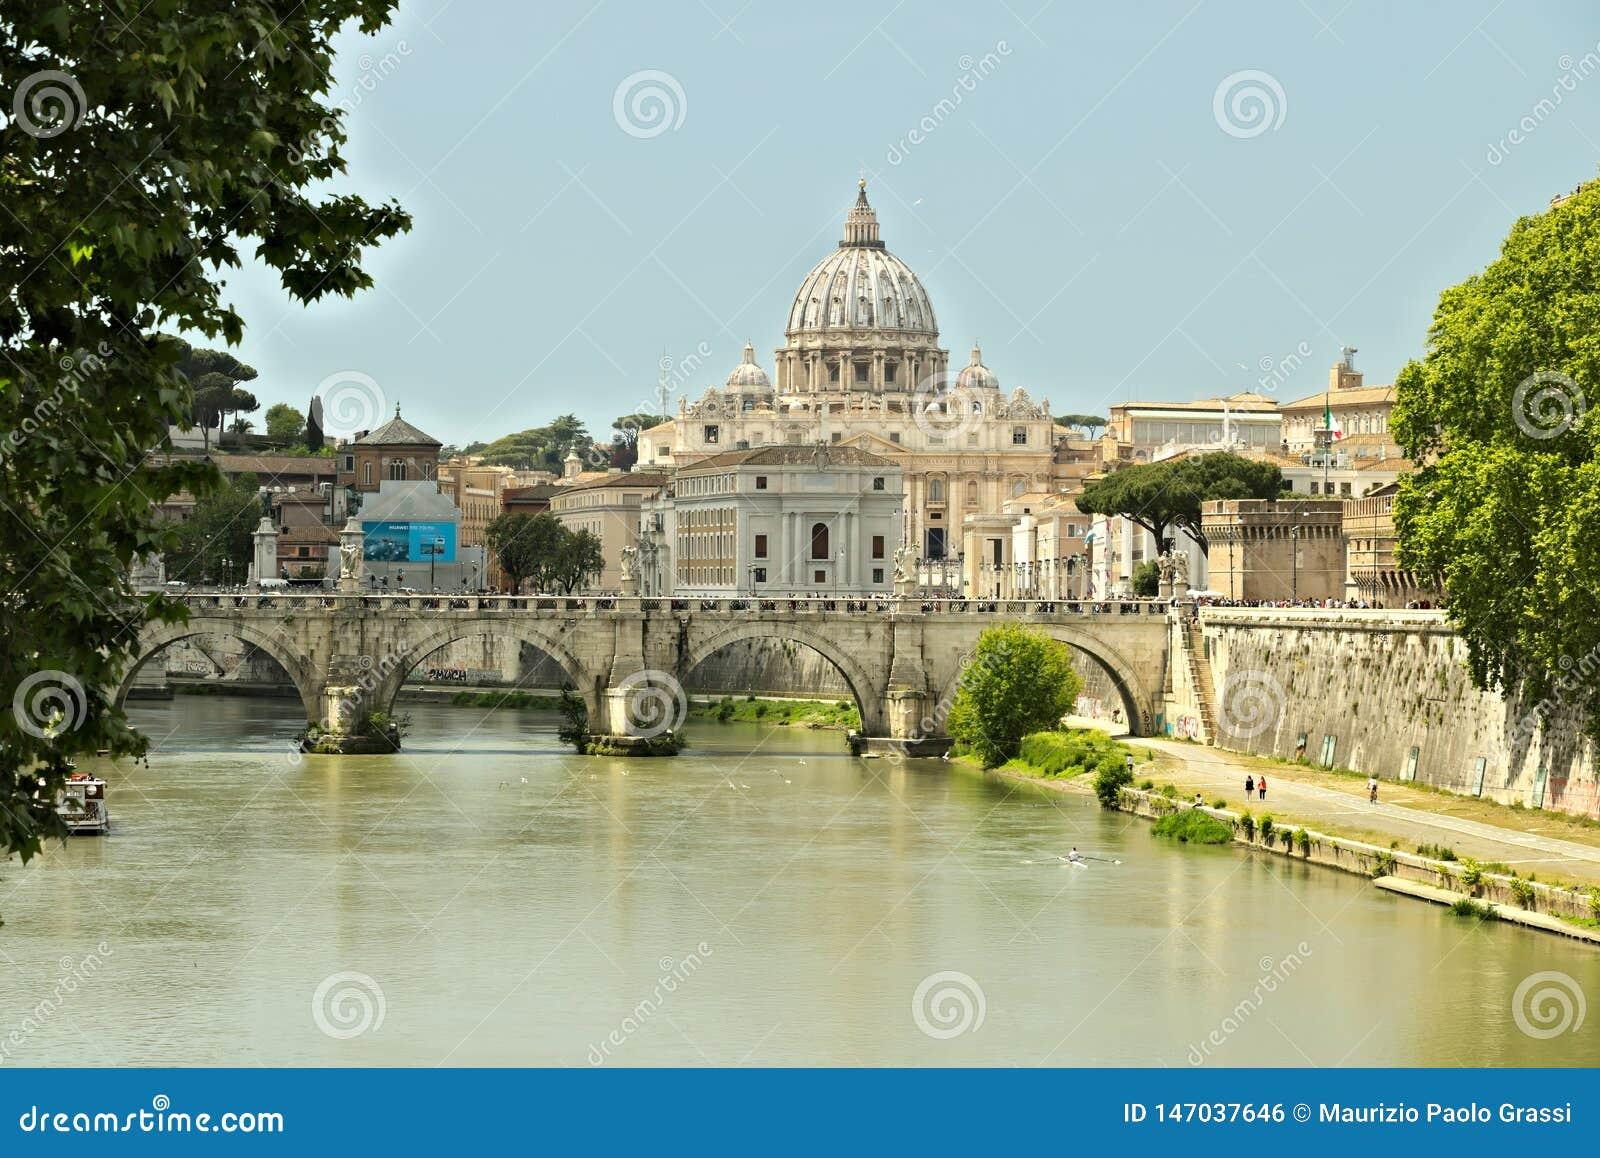 Río de Tíber con el Vaticano y San Pedro